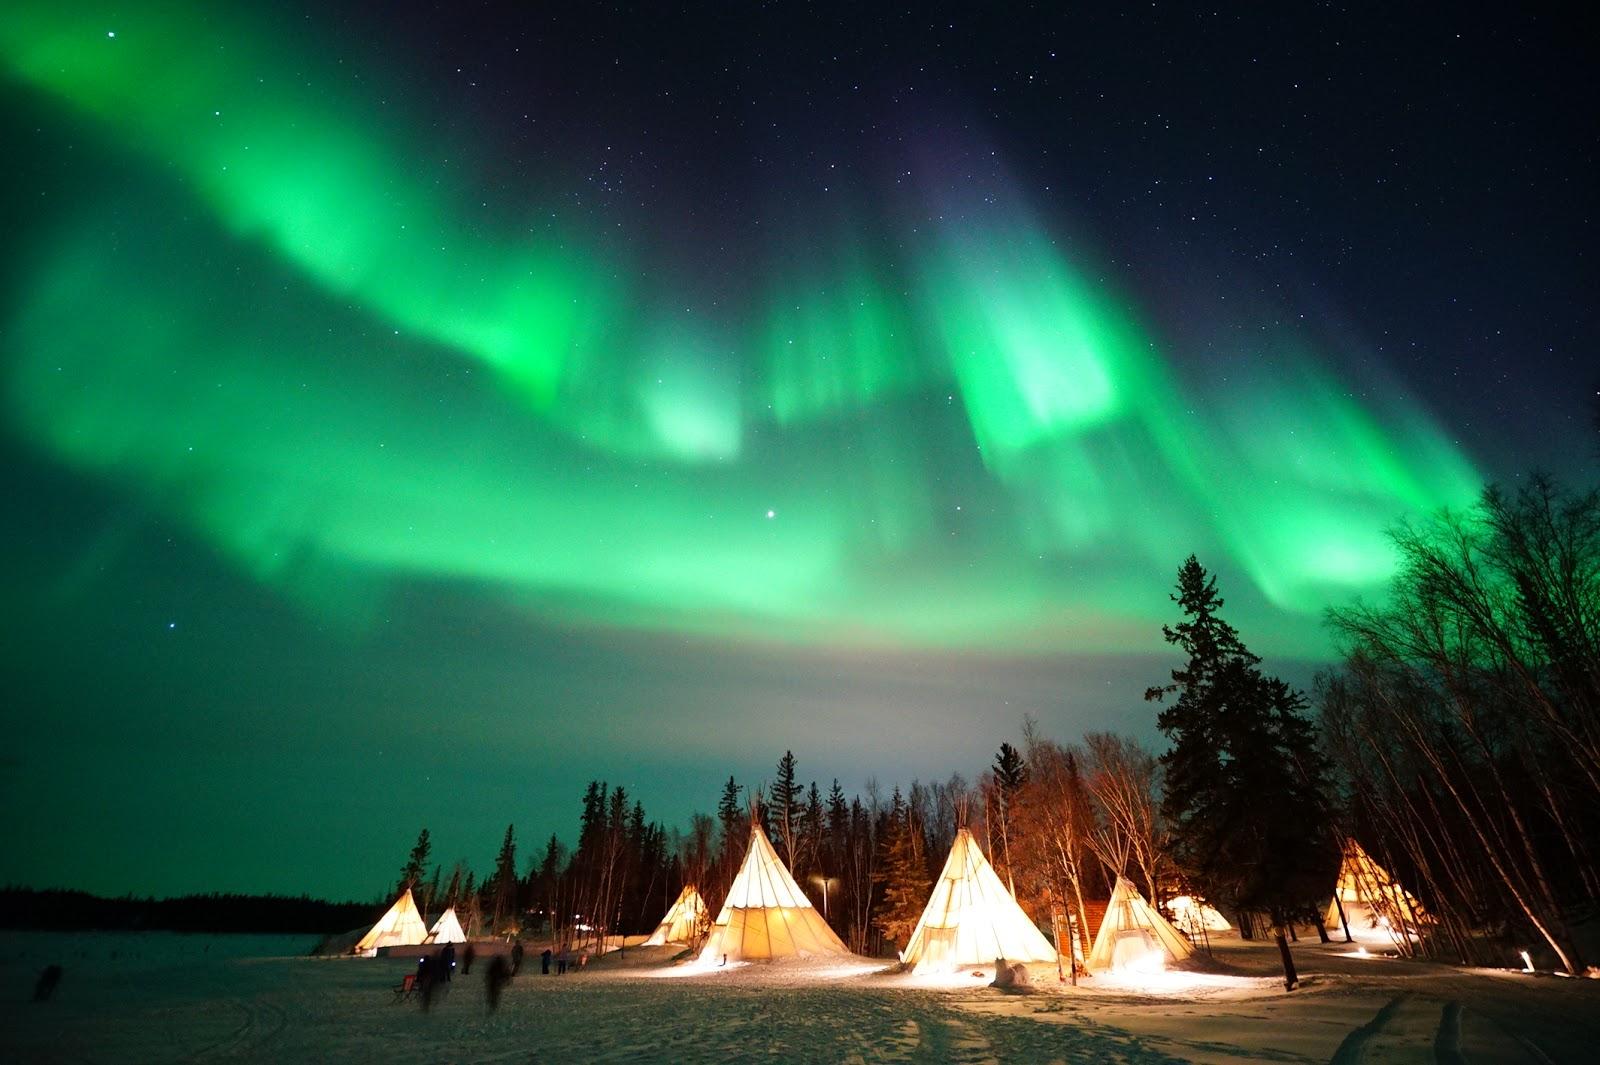 【踩點吧】到世界的北端追極光!全球最佳極光觀賞地推薦 旅遊與他們的產地 - colatour可樂旅遊